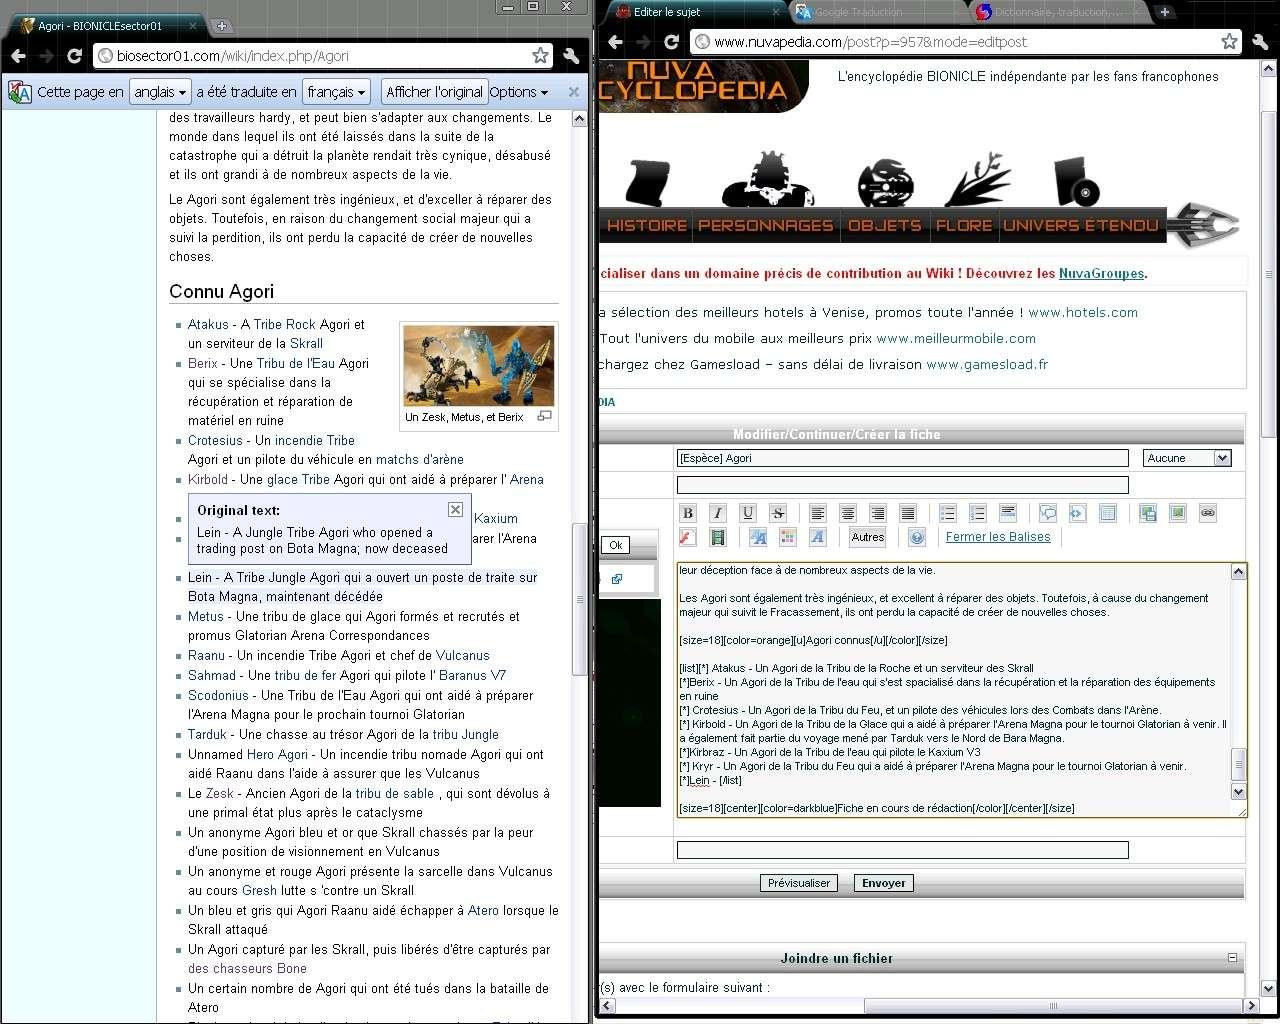 [Partenaire] Techniques de Traduction pour la Nuvapedia Screen10